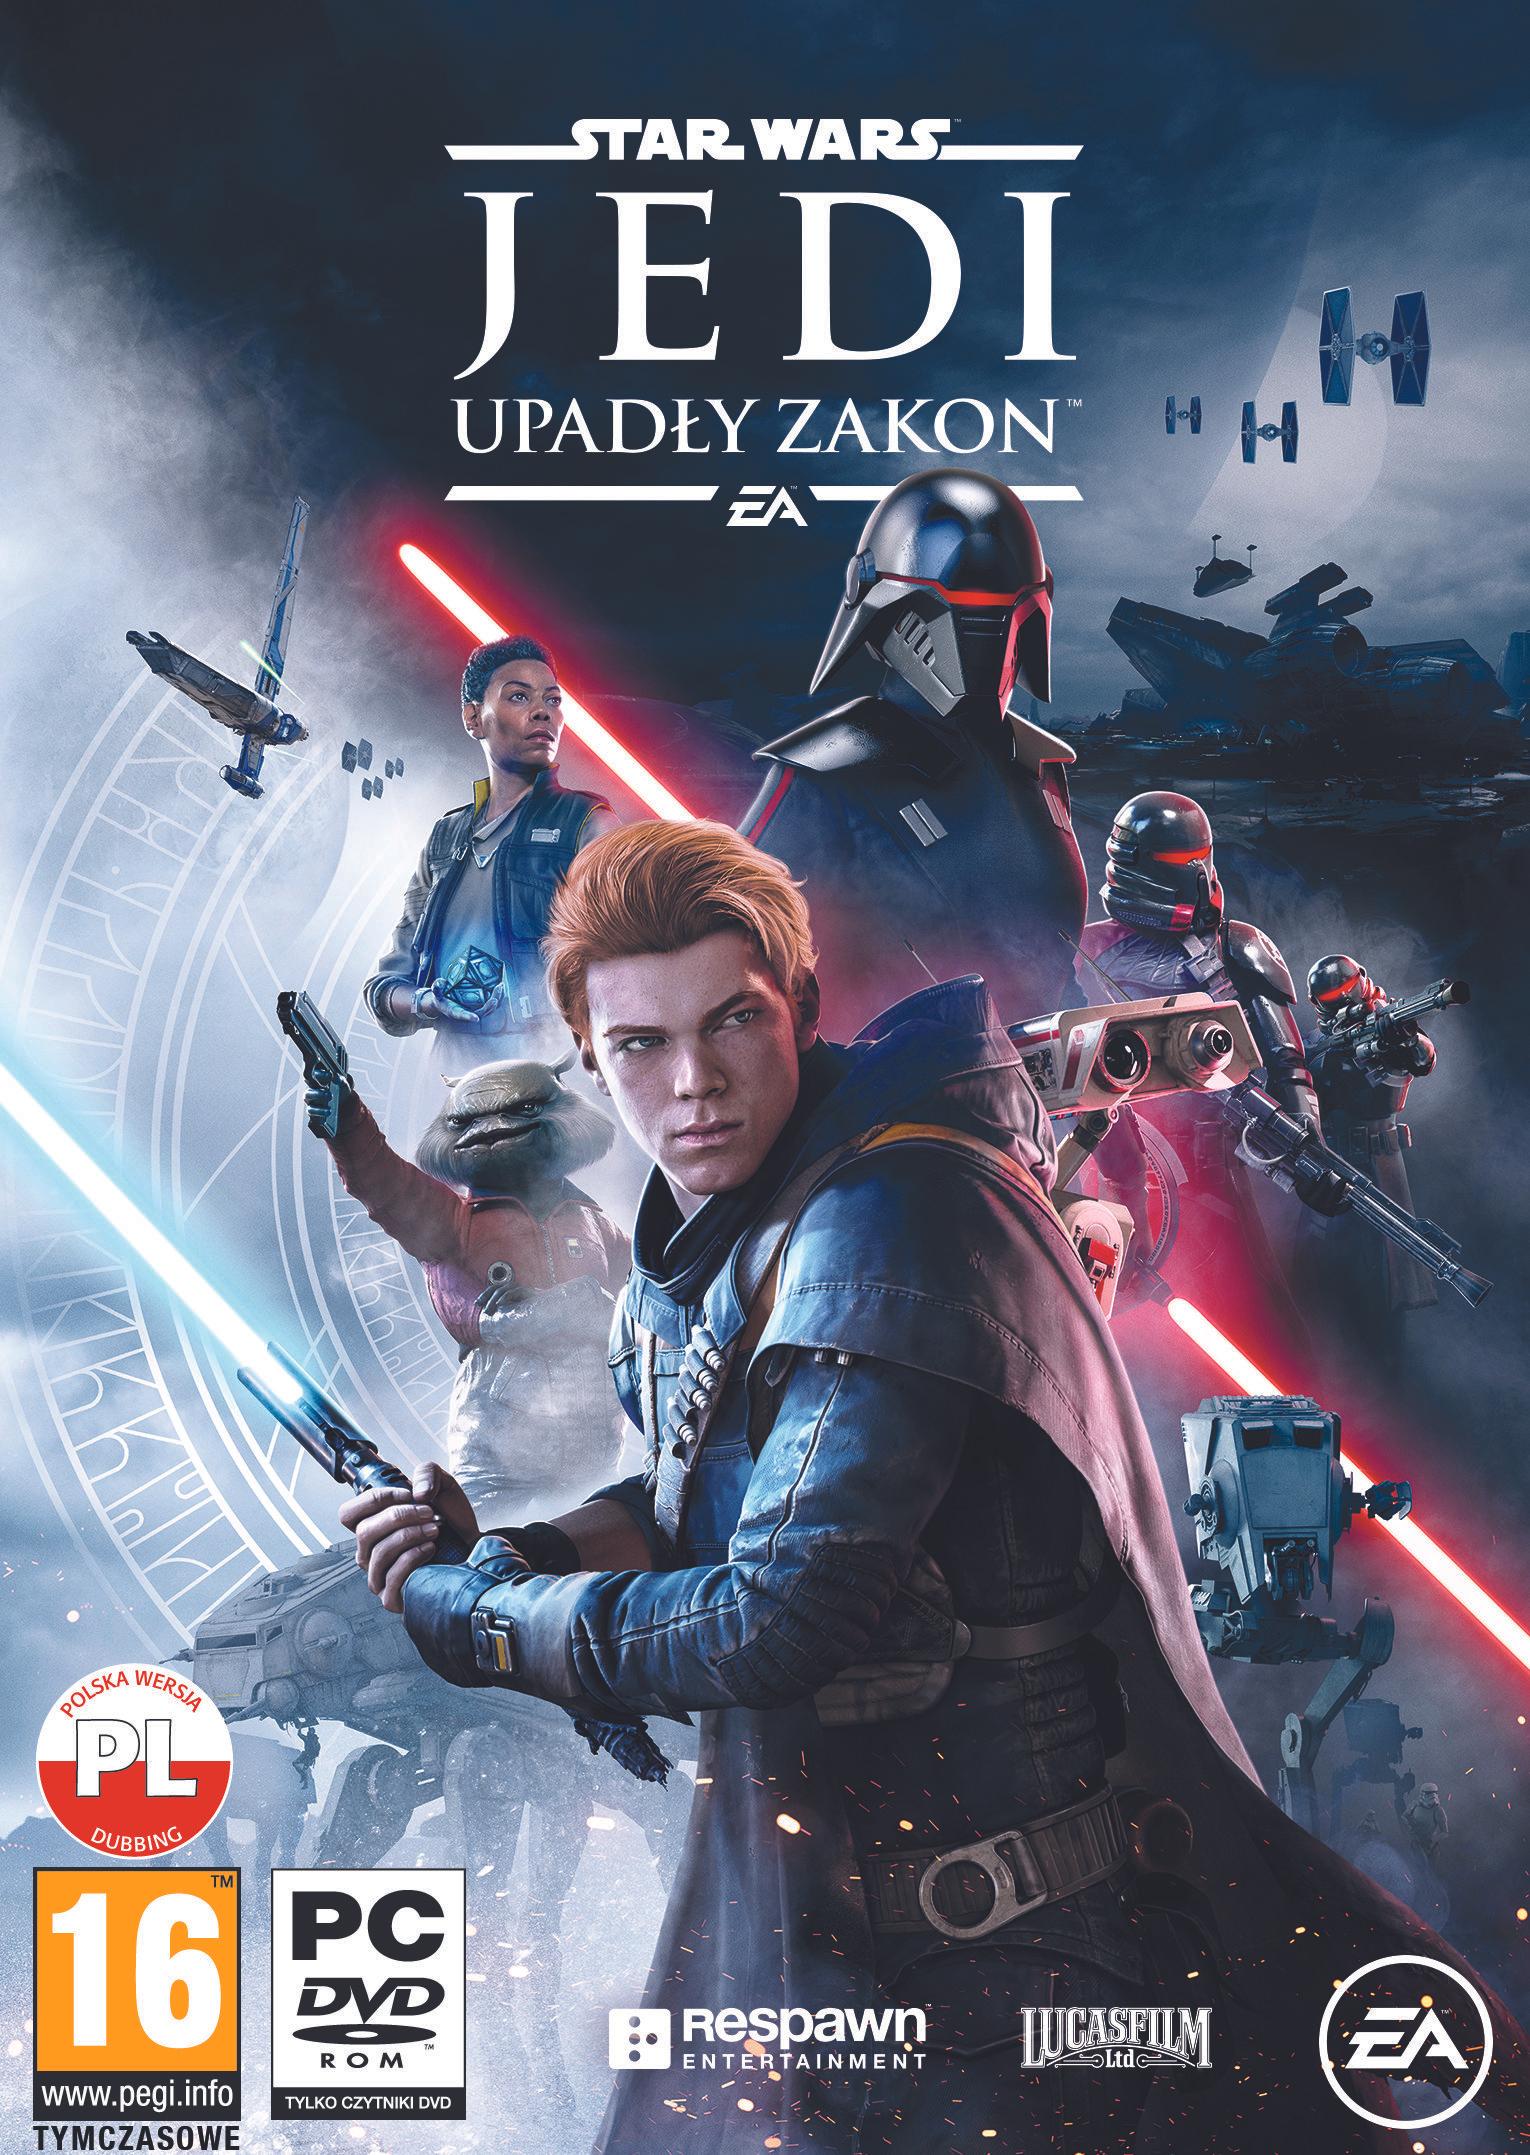 Star Wars Jedi: Upadły Zakon Gra PC w avans.pl